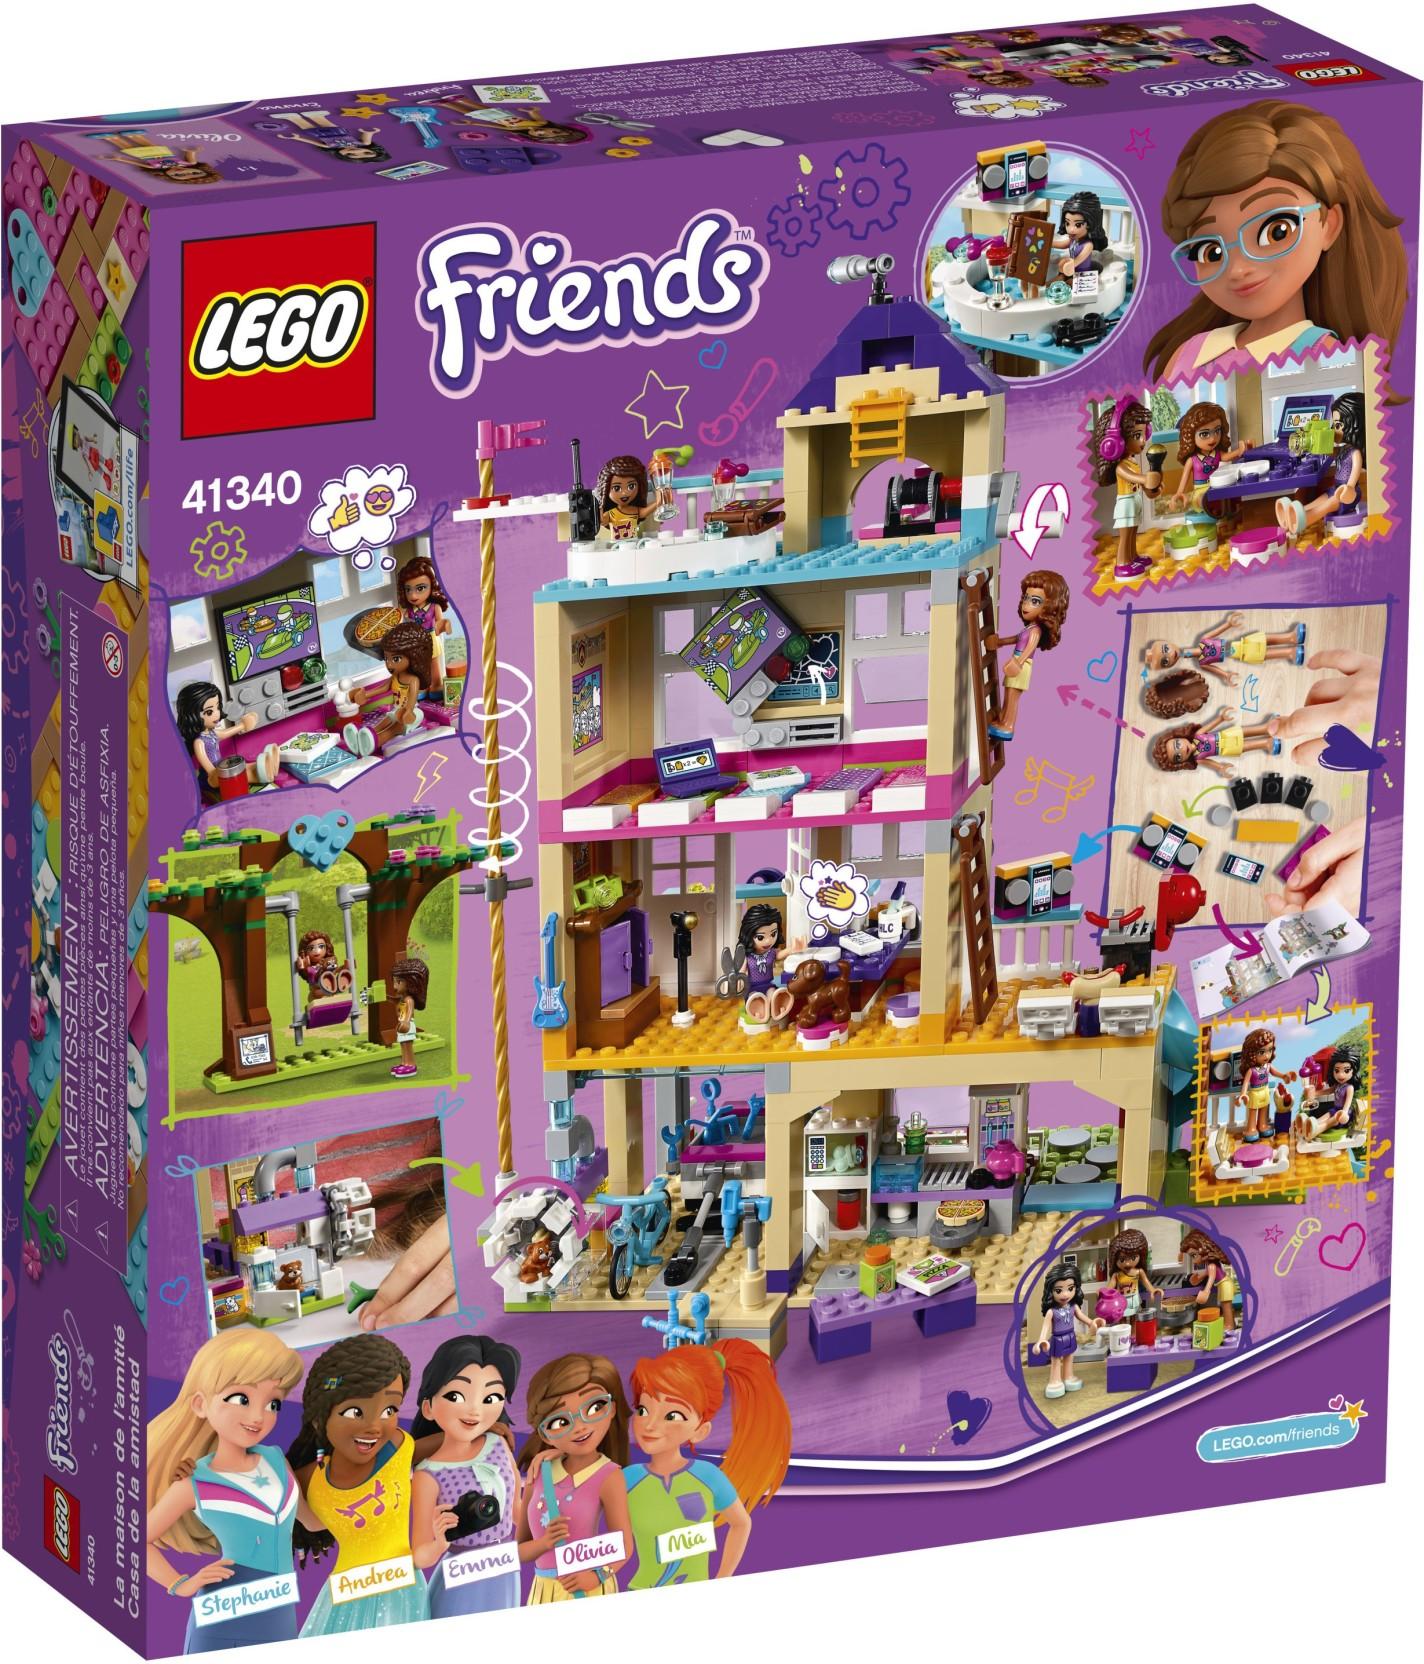 Lego Friends Friendship House 722 Pcs Friends Friendship House